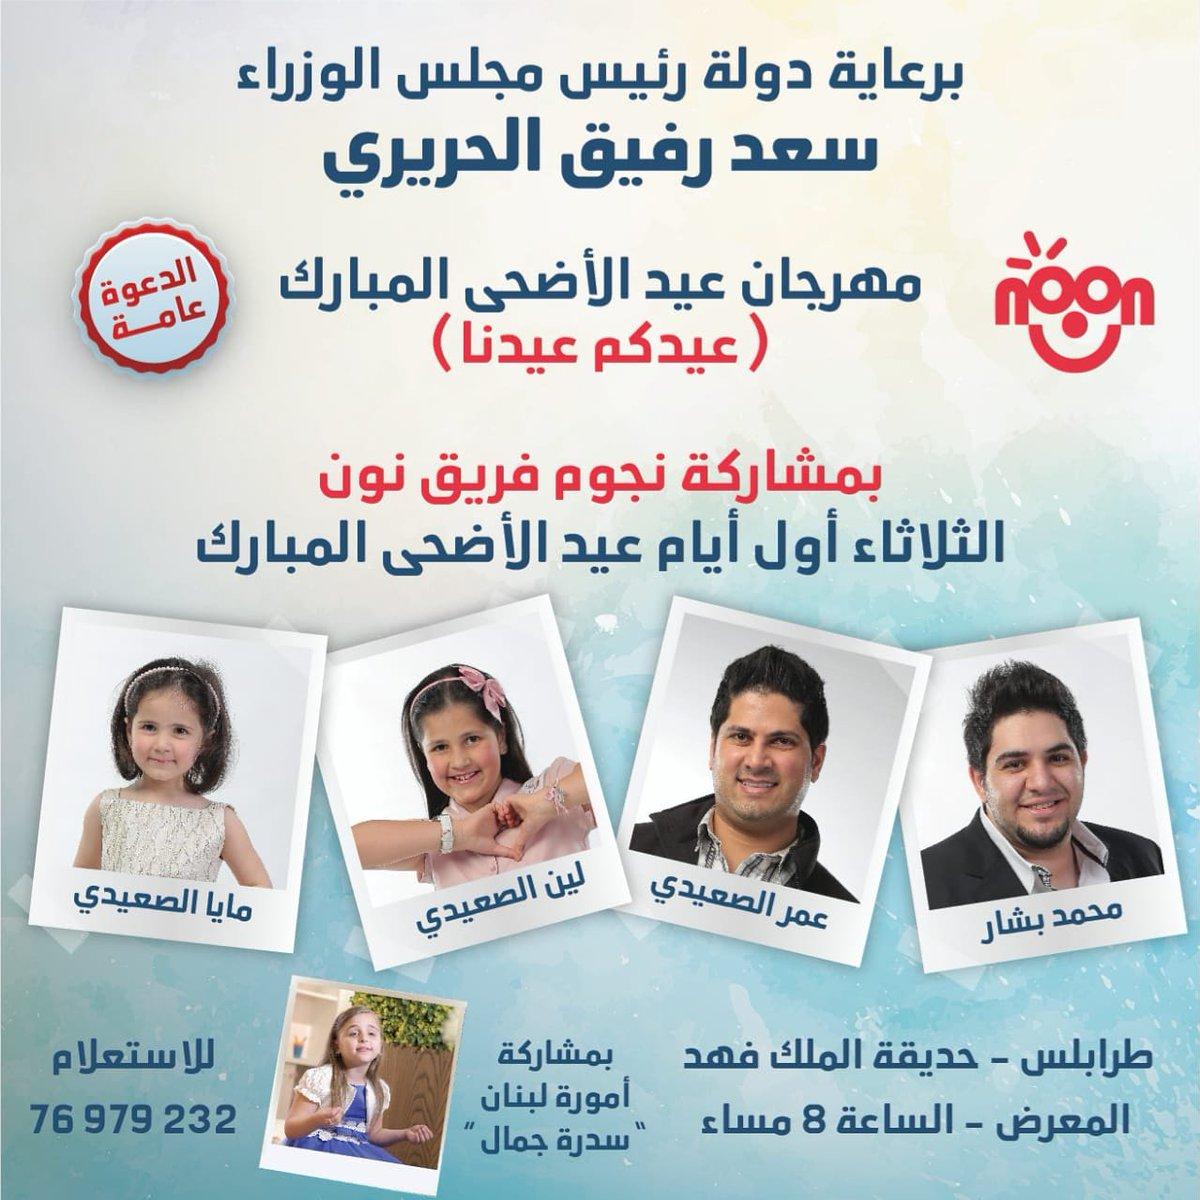 Mohammed Shehab Mohamadshehab95 Twitter